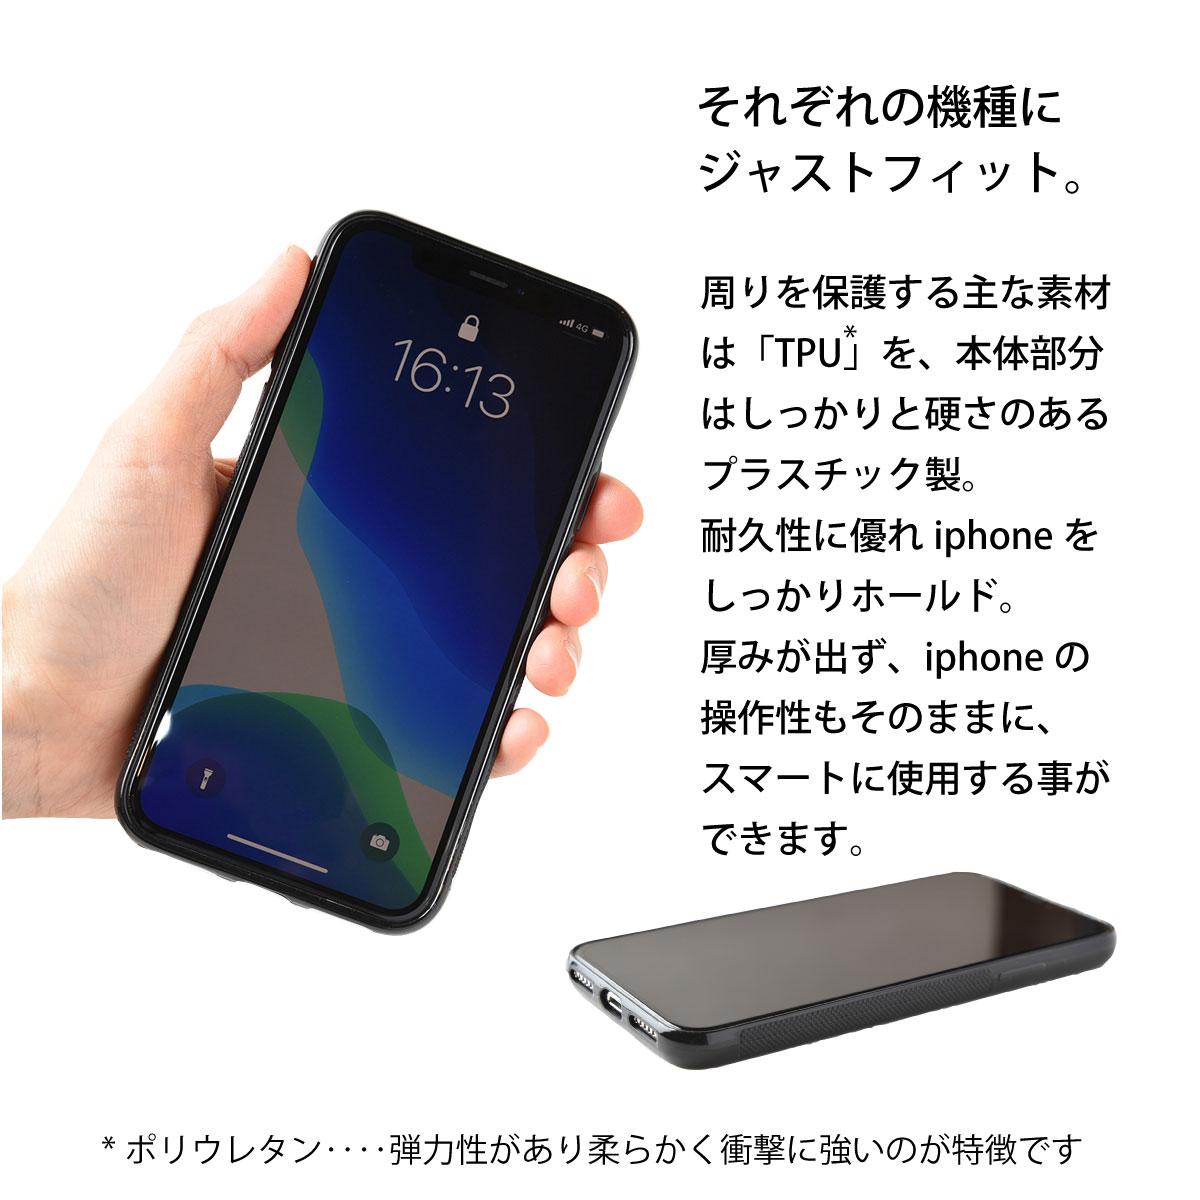 iPhoneOpenCase:   Design K_3:ミニマーク埋込み/スマイル